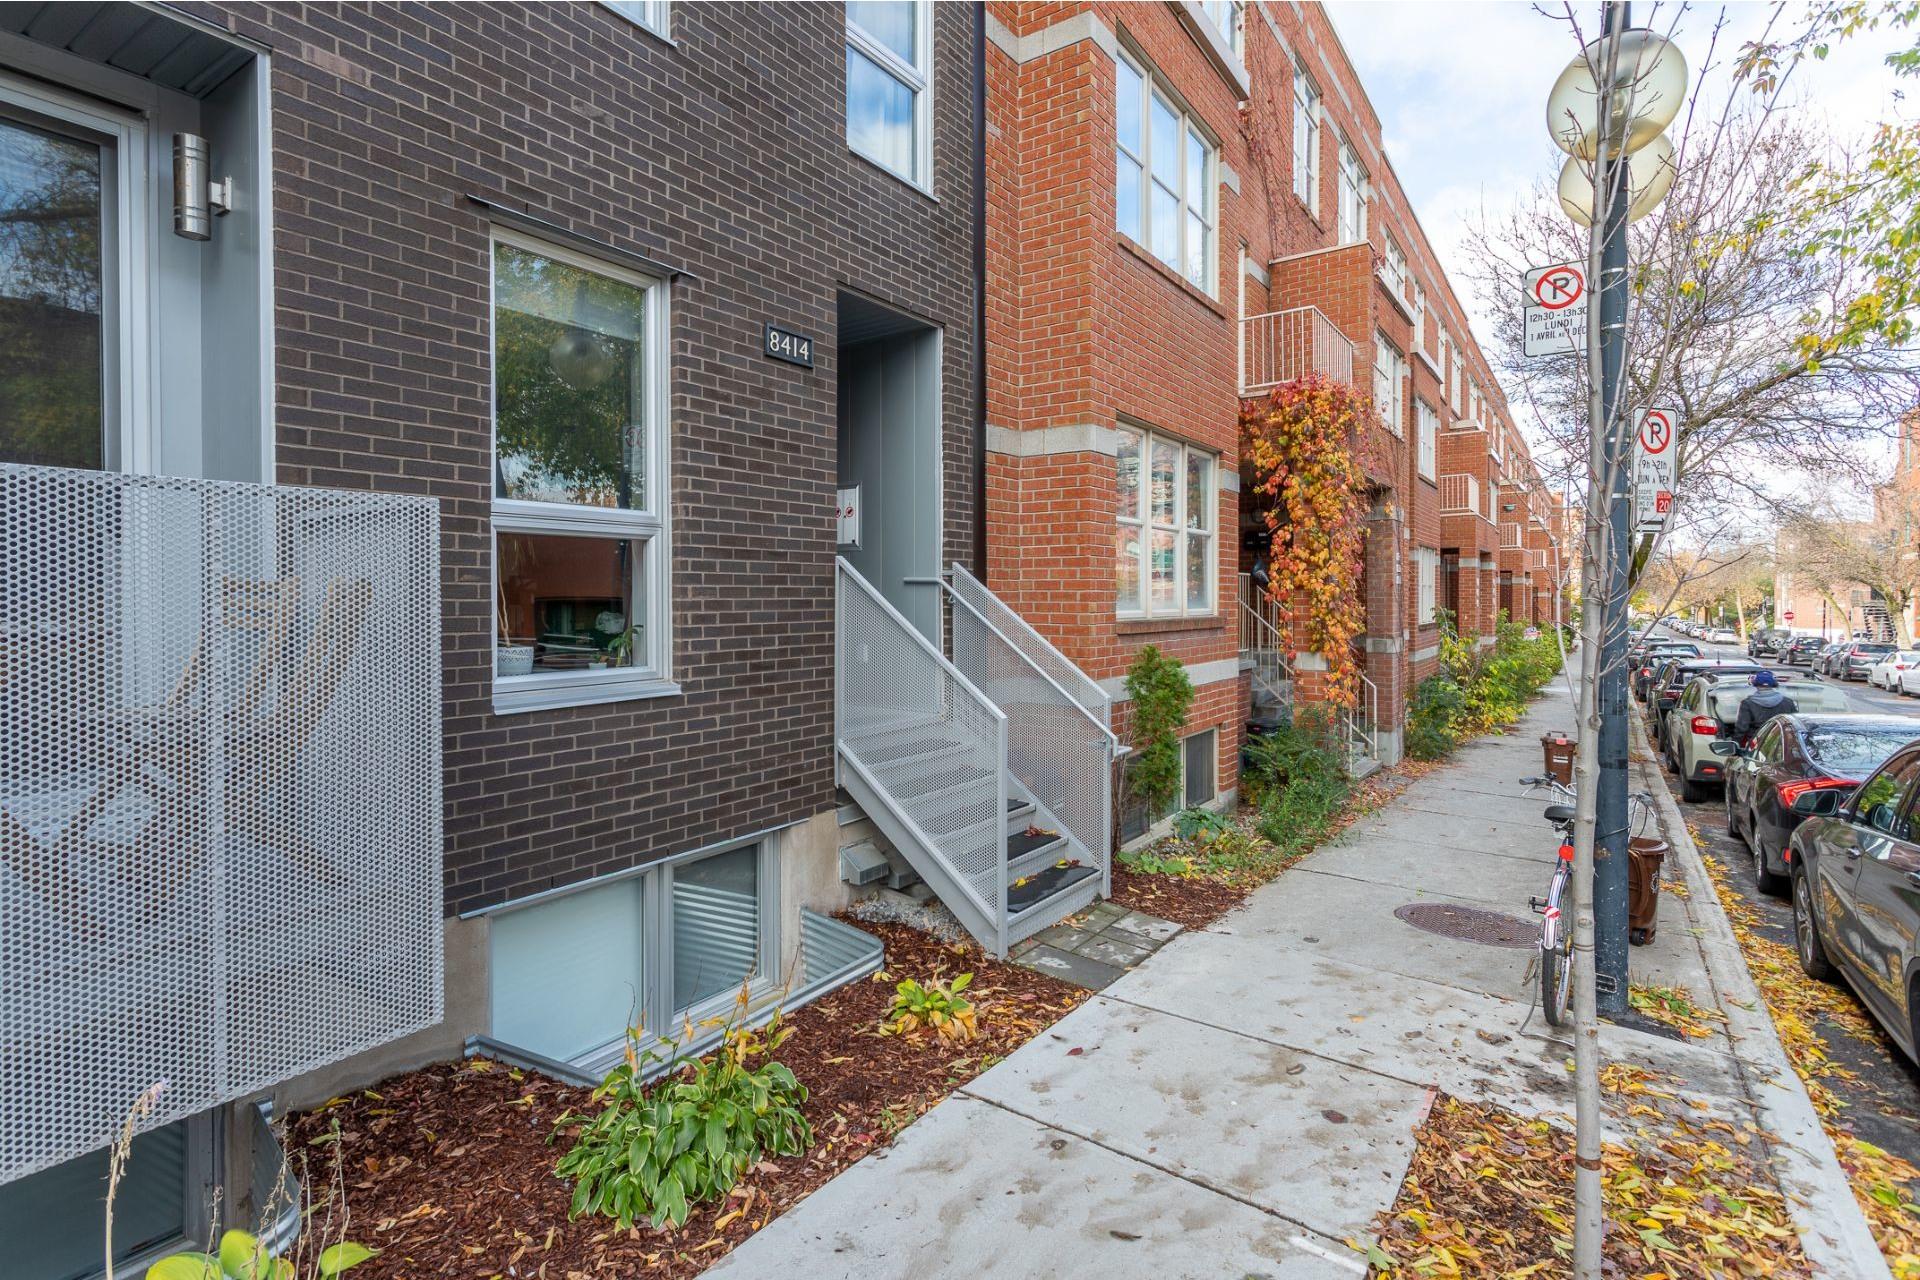 image 27 - Appartement À vendre Villeray/Saint-Michel/Parc-Extension Montréal  - 5 pièces